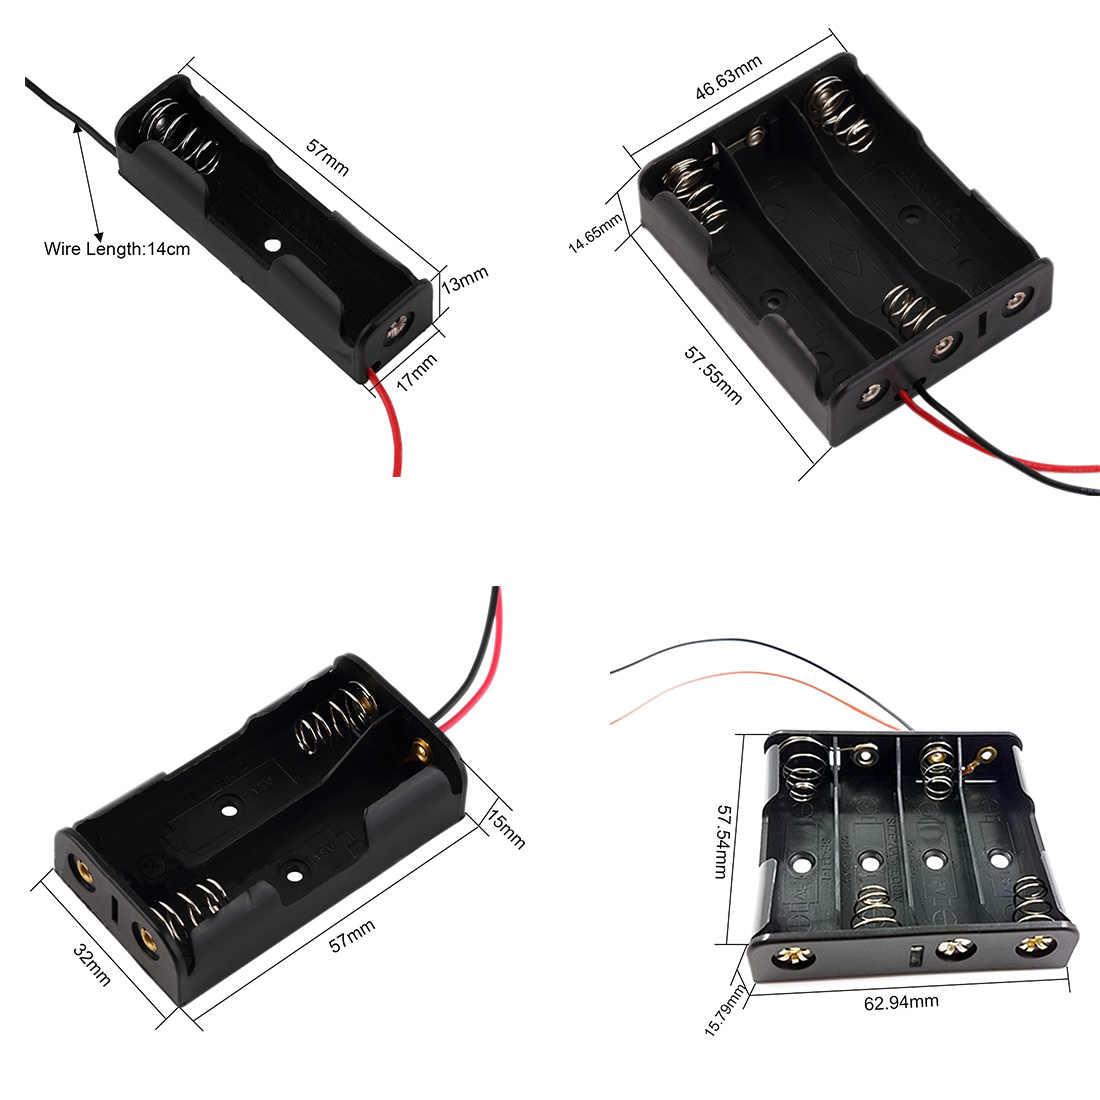 1 قطعة بطارية حامل البطارية الحال بالنسبة 1/2/3/4 قطعة AA 1.5 فولت حافظة بطاريات الجافة صندوق كابل طويل مشبك بطارية موصل مشبك